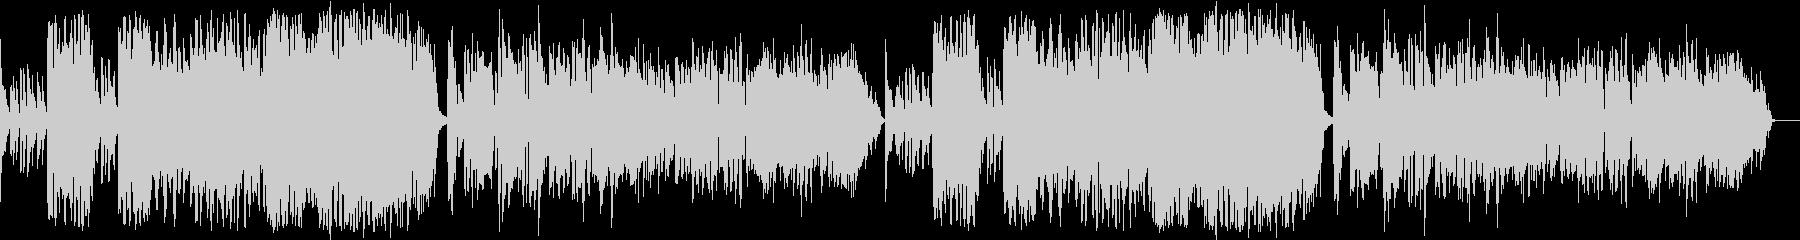 ファンキーでおしゃれなジャズの未再生の波形